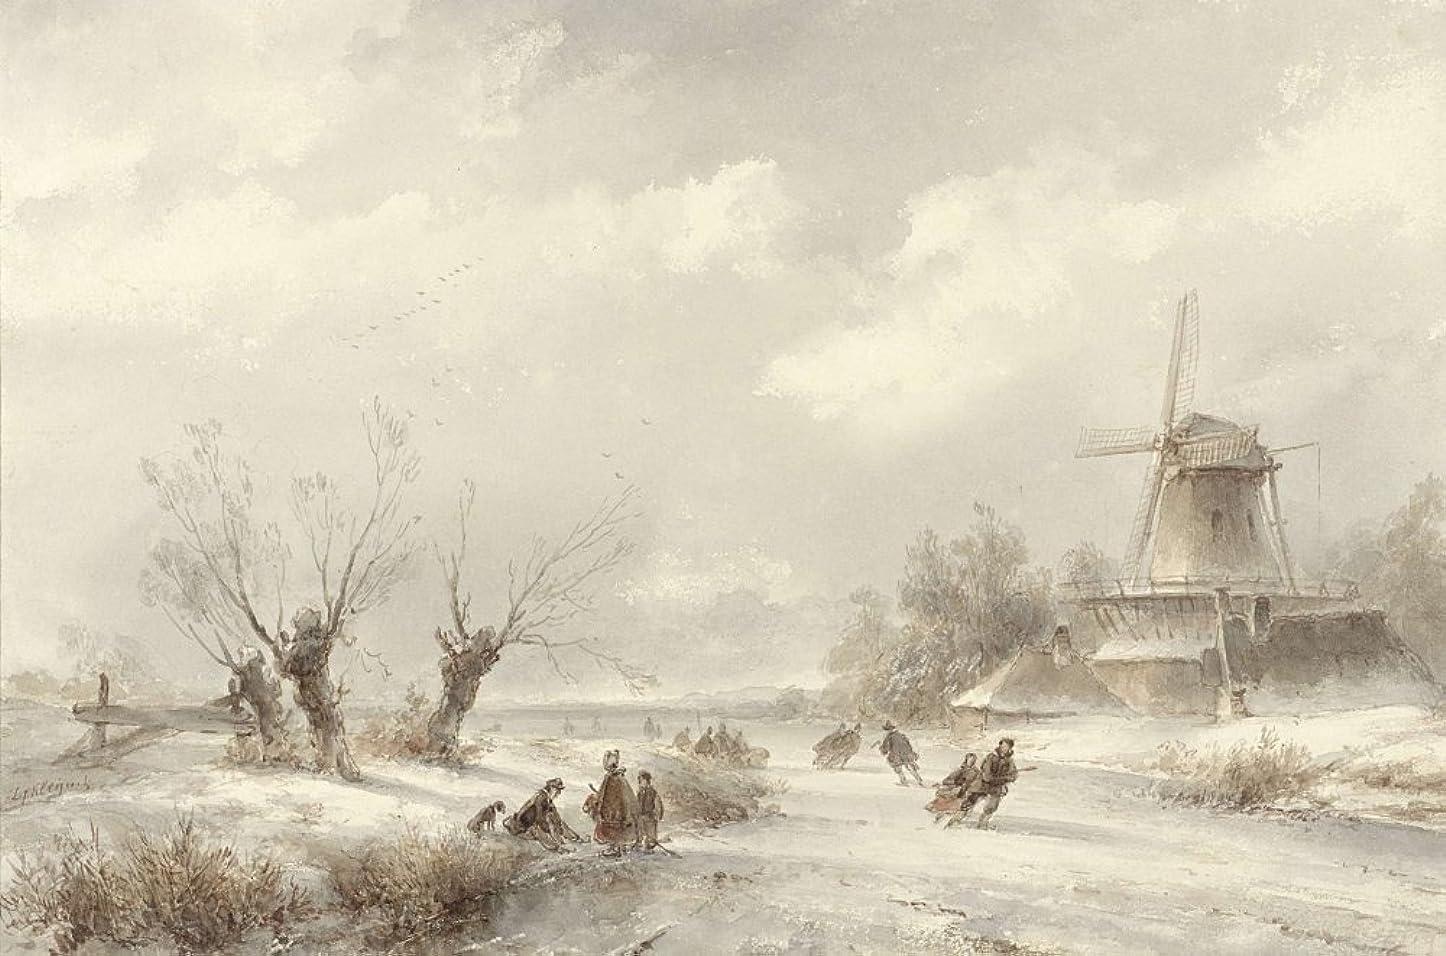 休日どう?羊のPosterazzi EVCHISL041EC898HLARGE ポスター Lodewijk Johannes Kleijn C. 1850-90作 オランダ水彩画。 カップルと家族のアイススケート(Bsloc_2016_2_4)、(36 x 24)